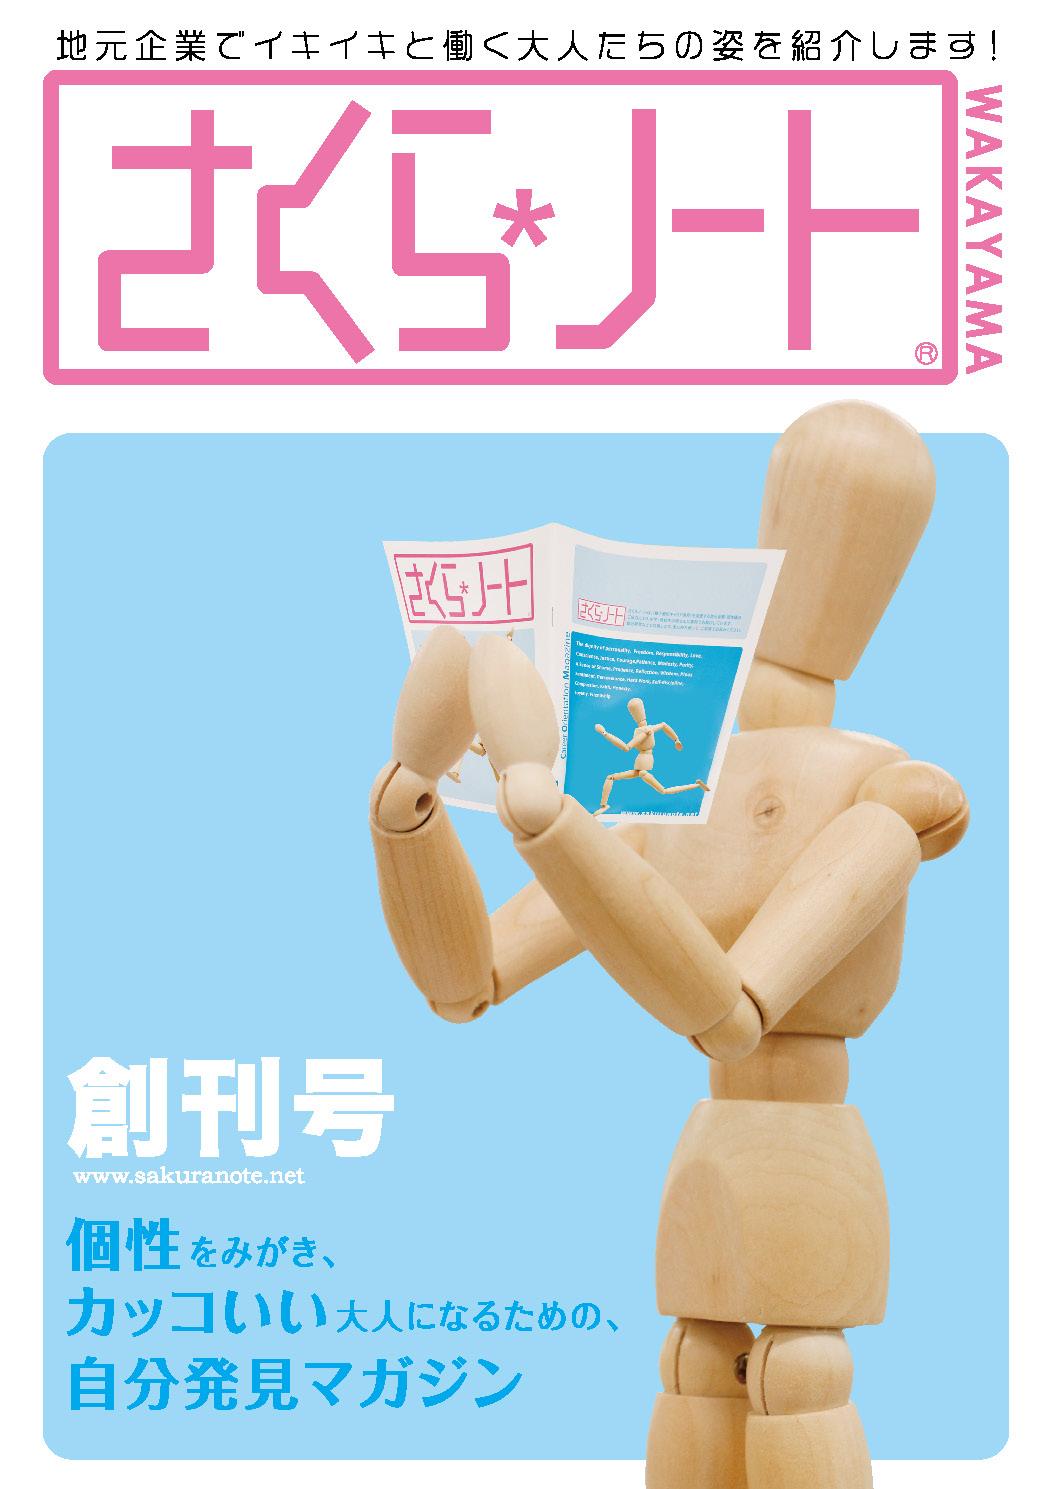 さくらノート和歌山版Vol.1